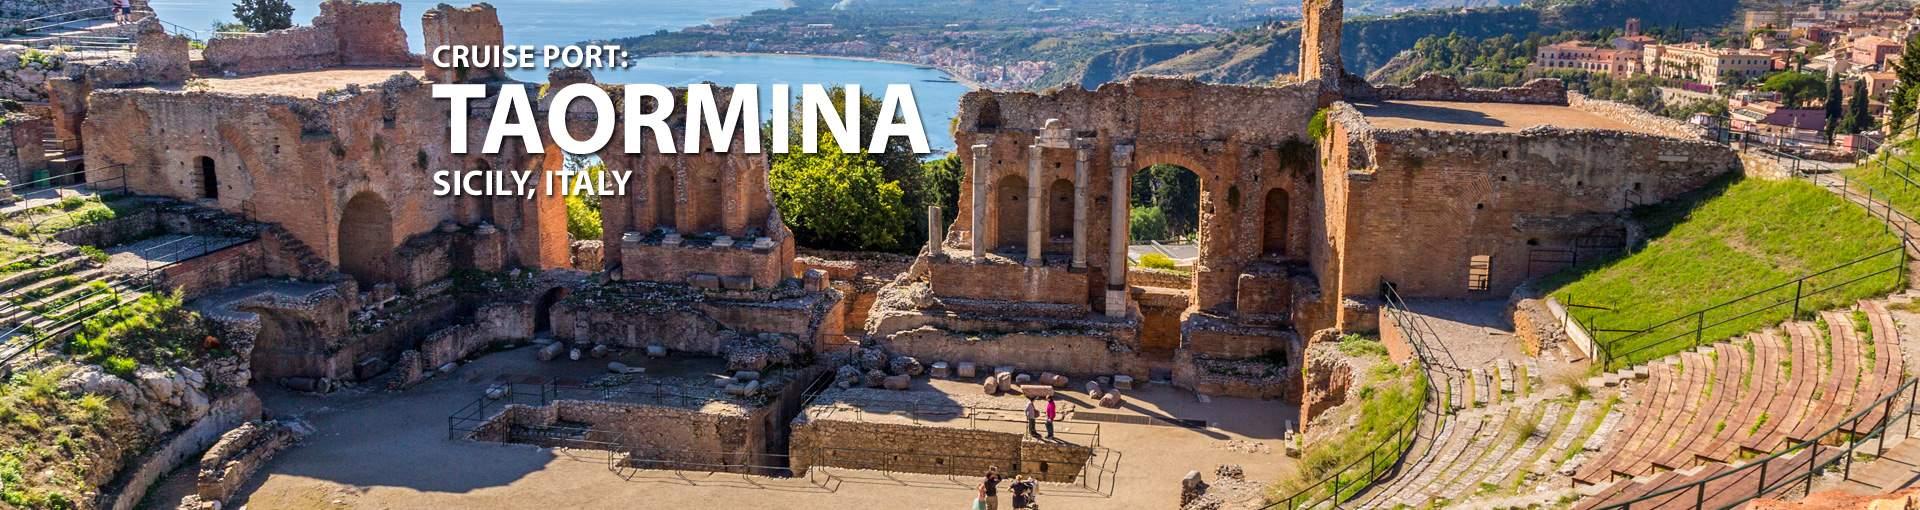 Cruises to Taormina, Sicily, Italy